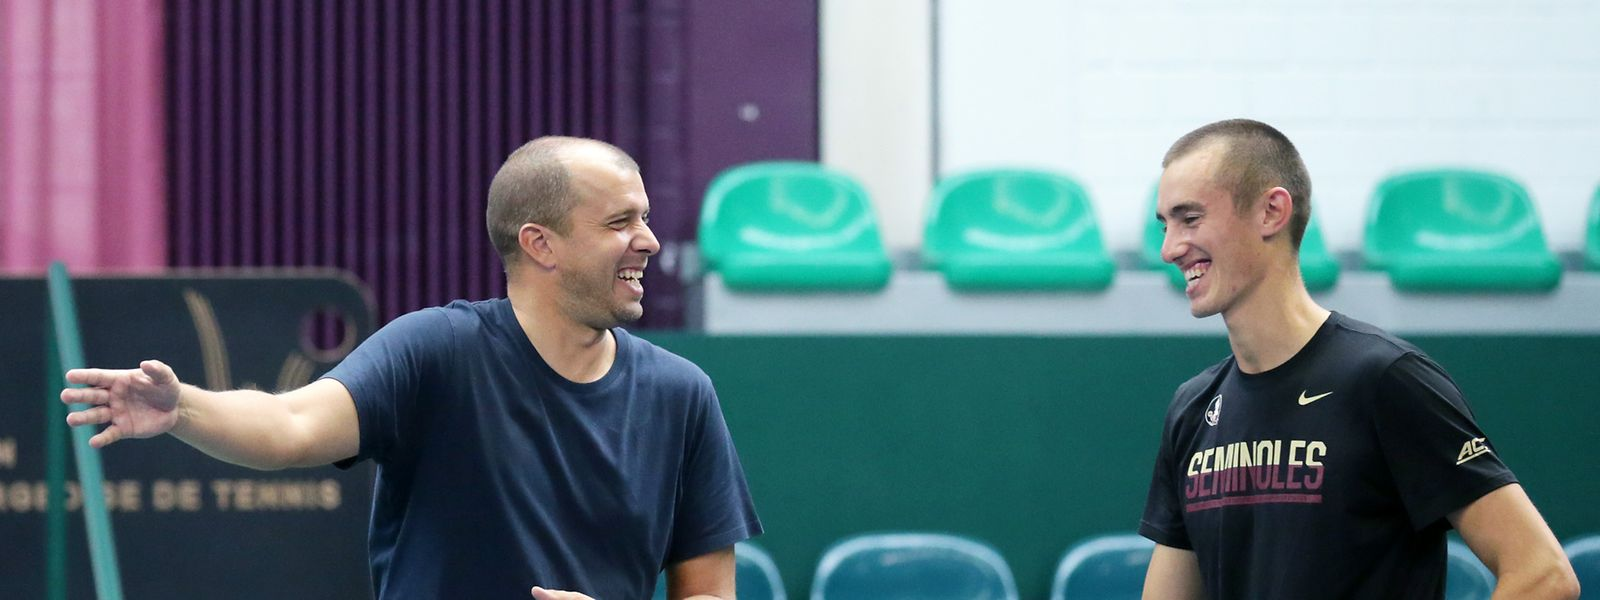 Gilles Muller setzt auf die Unbekümmertheit von Spielern wie Alex Knaff.